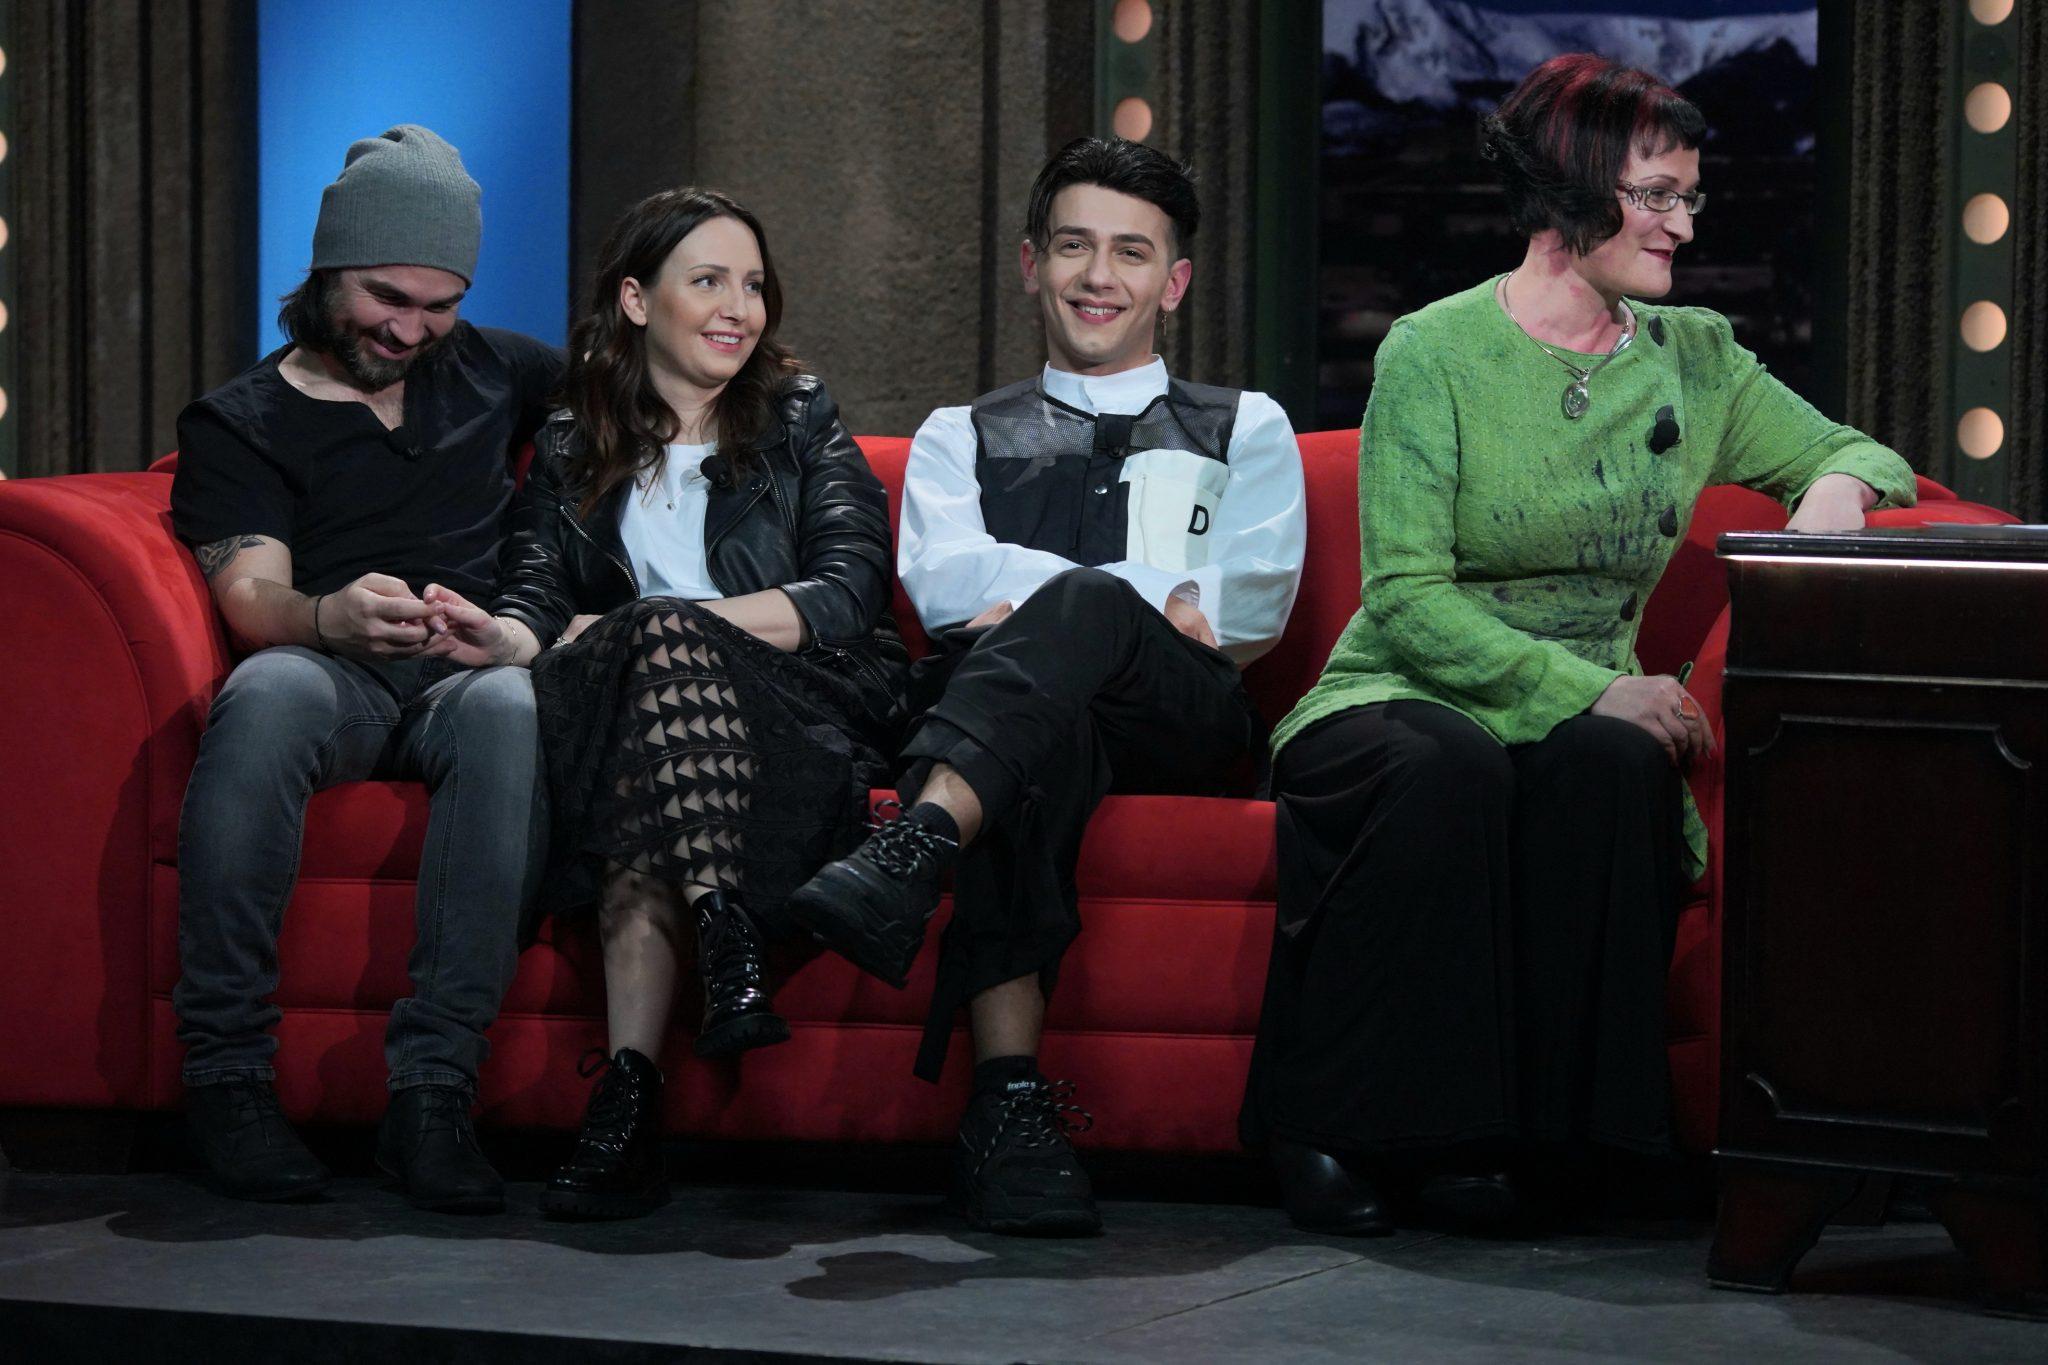 Zleva: Manželé režisér Biser Arichtev a herečka Veronika Arichteva, zpěvák Jan Bendig a sexuoložka Petra Sejbalová v SJK 3. 3. 2021